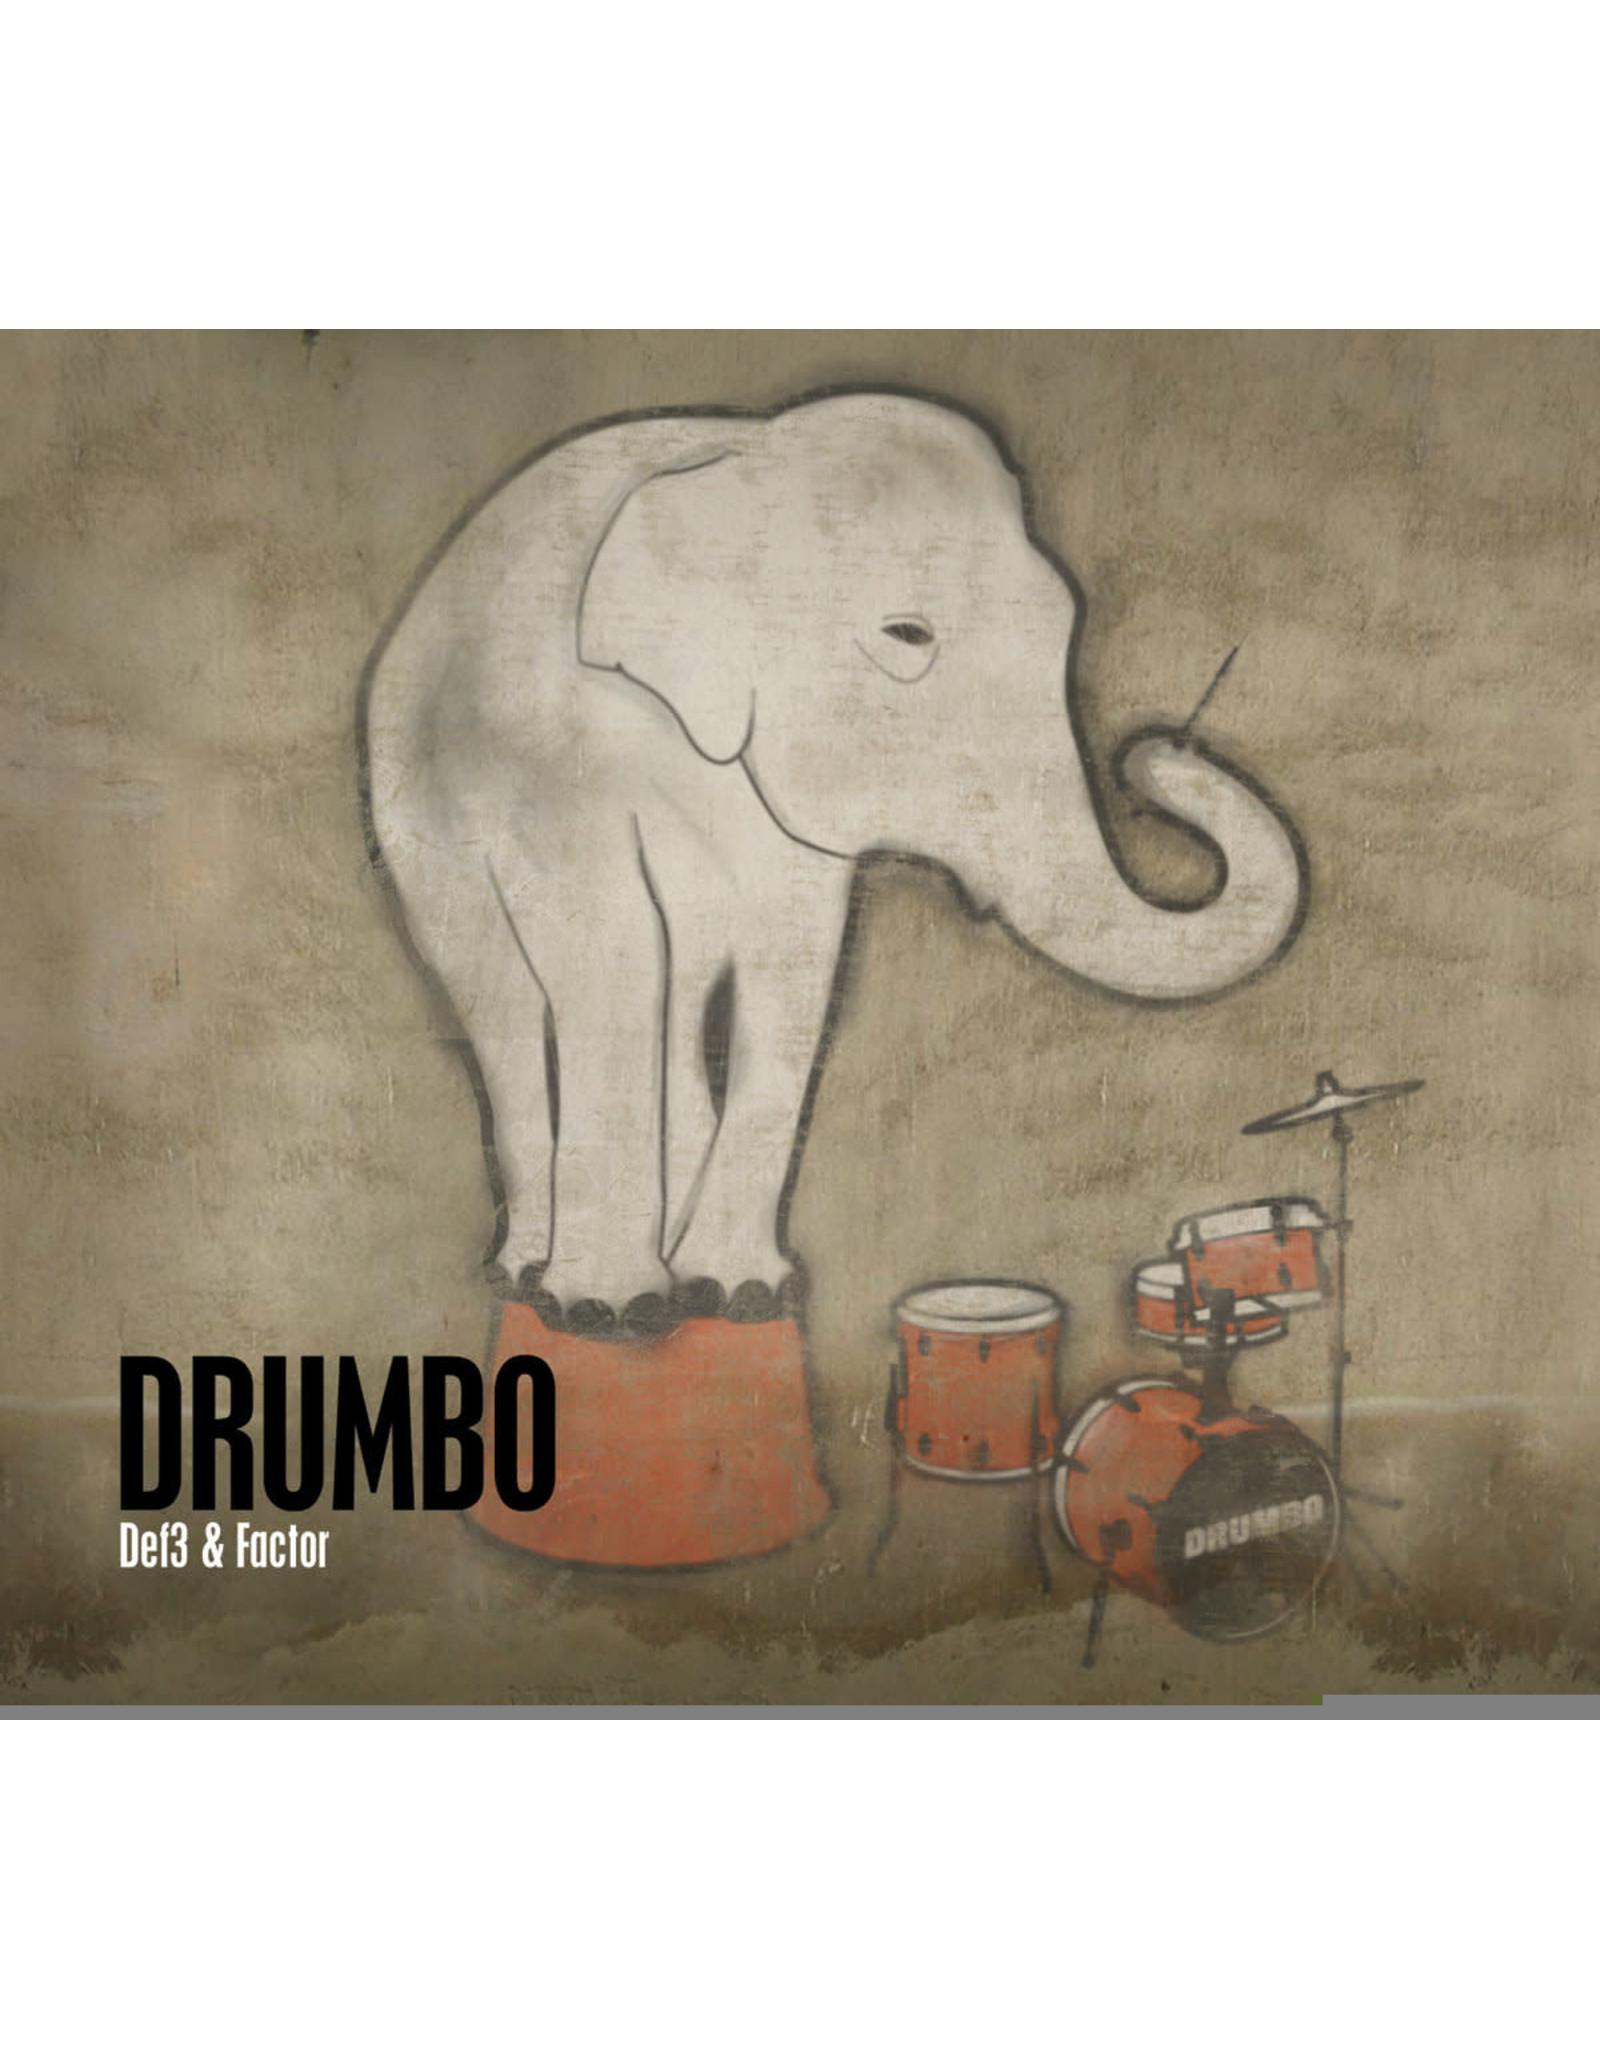 Def3 & Factor - Drumbo CD